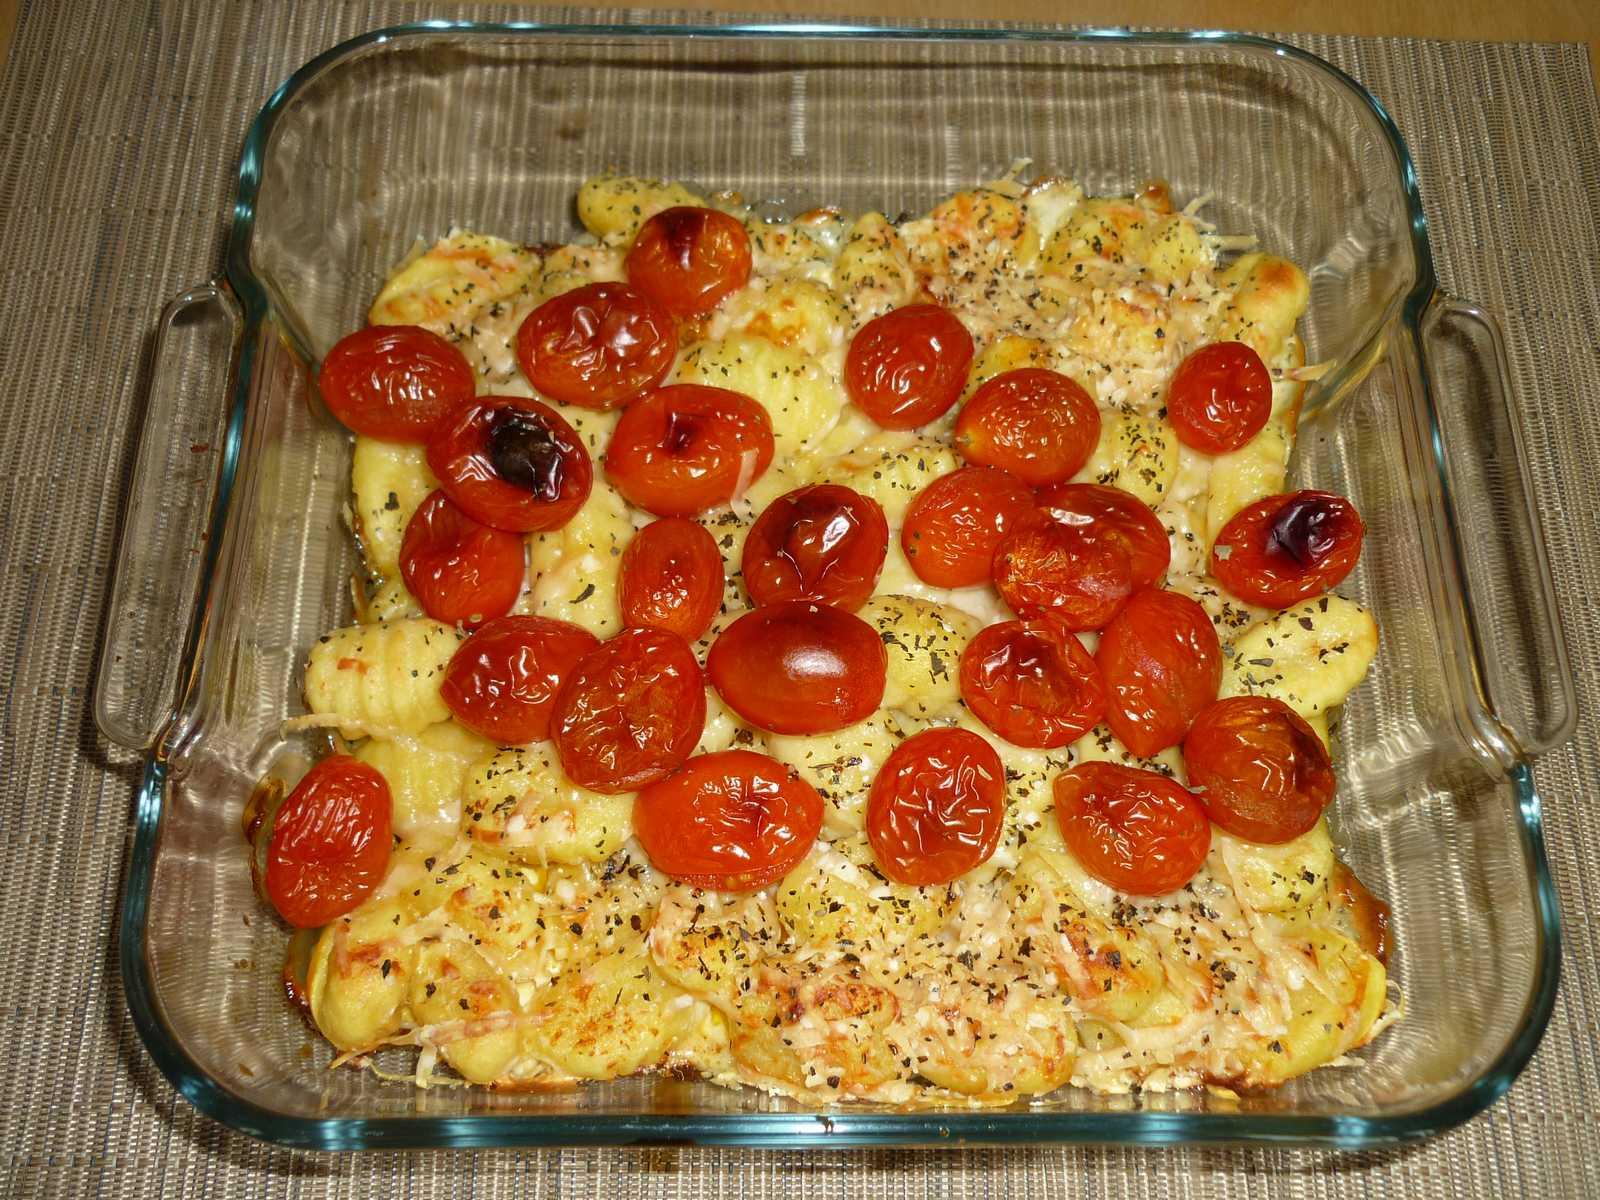 Gnocchis aux tomates cerise blogs de cuisine - Cuisiner des gnocchis ...